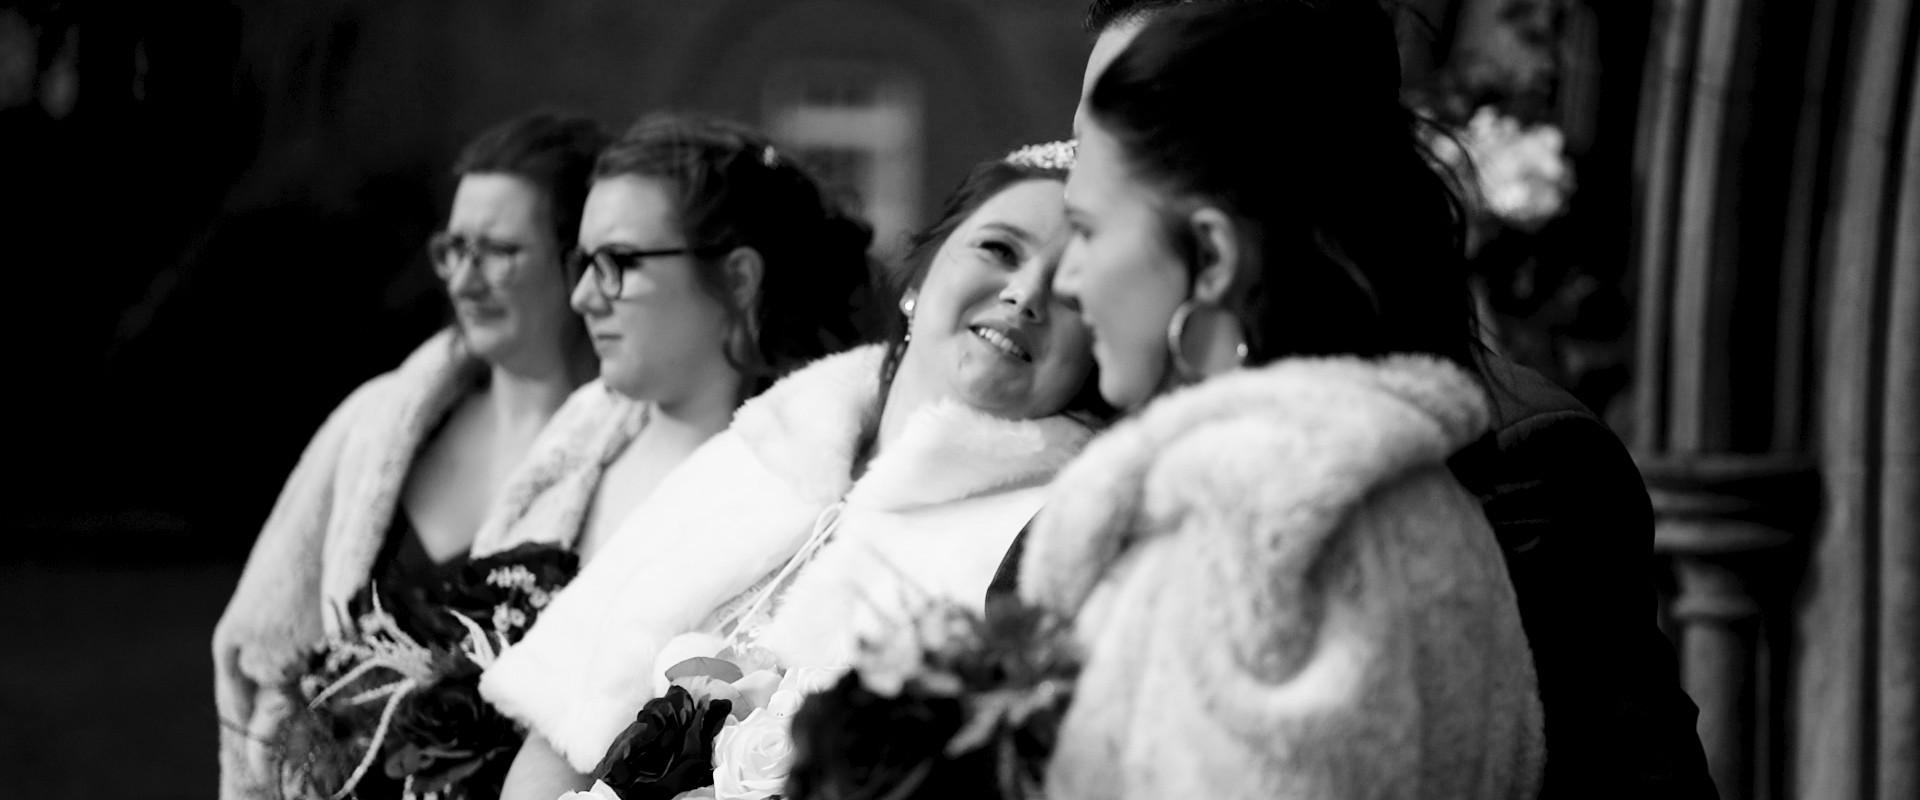 Wedding-ShortFilm-BW.00_05_05_02.Still04